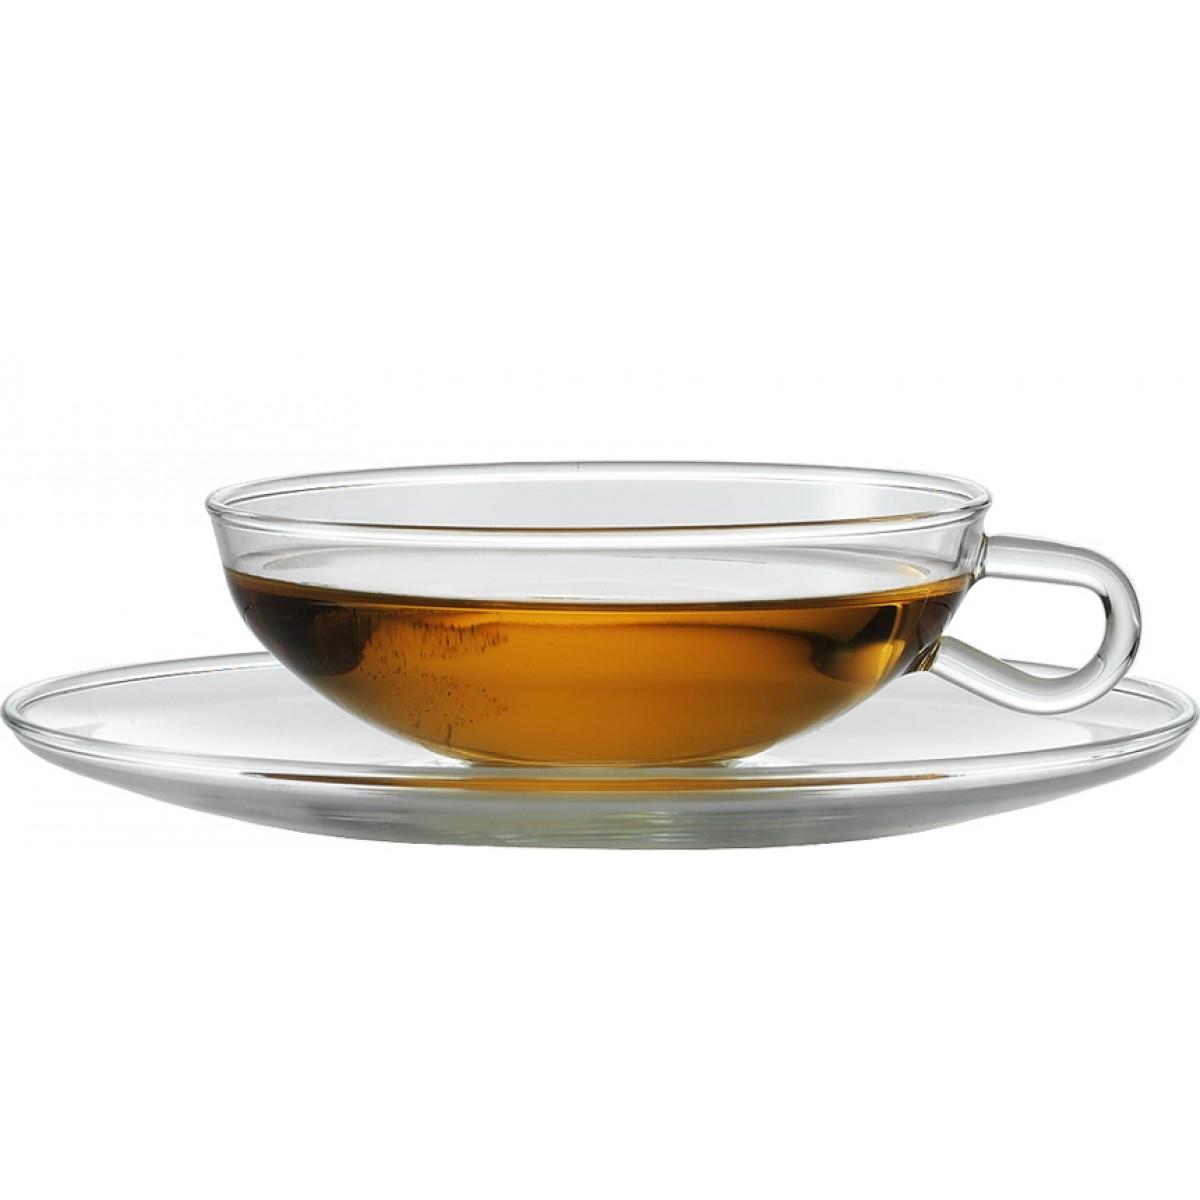 Šálek na čaj, kávu, včetně podšálku, 150ml, design Wilhelm Wagenfeld, bal.2ks, JENAER GLAS